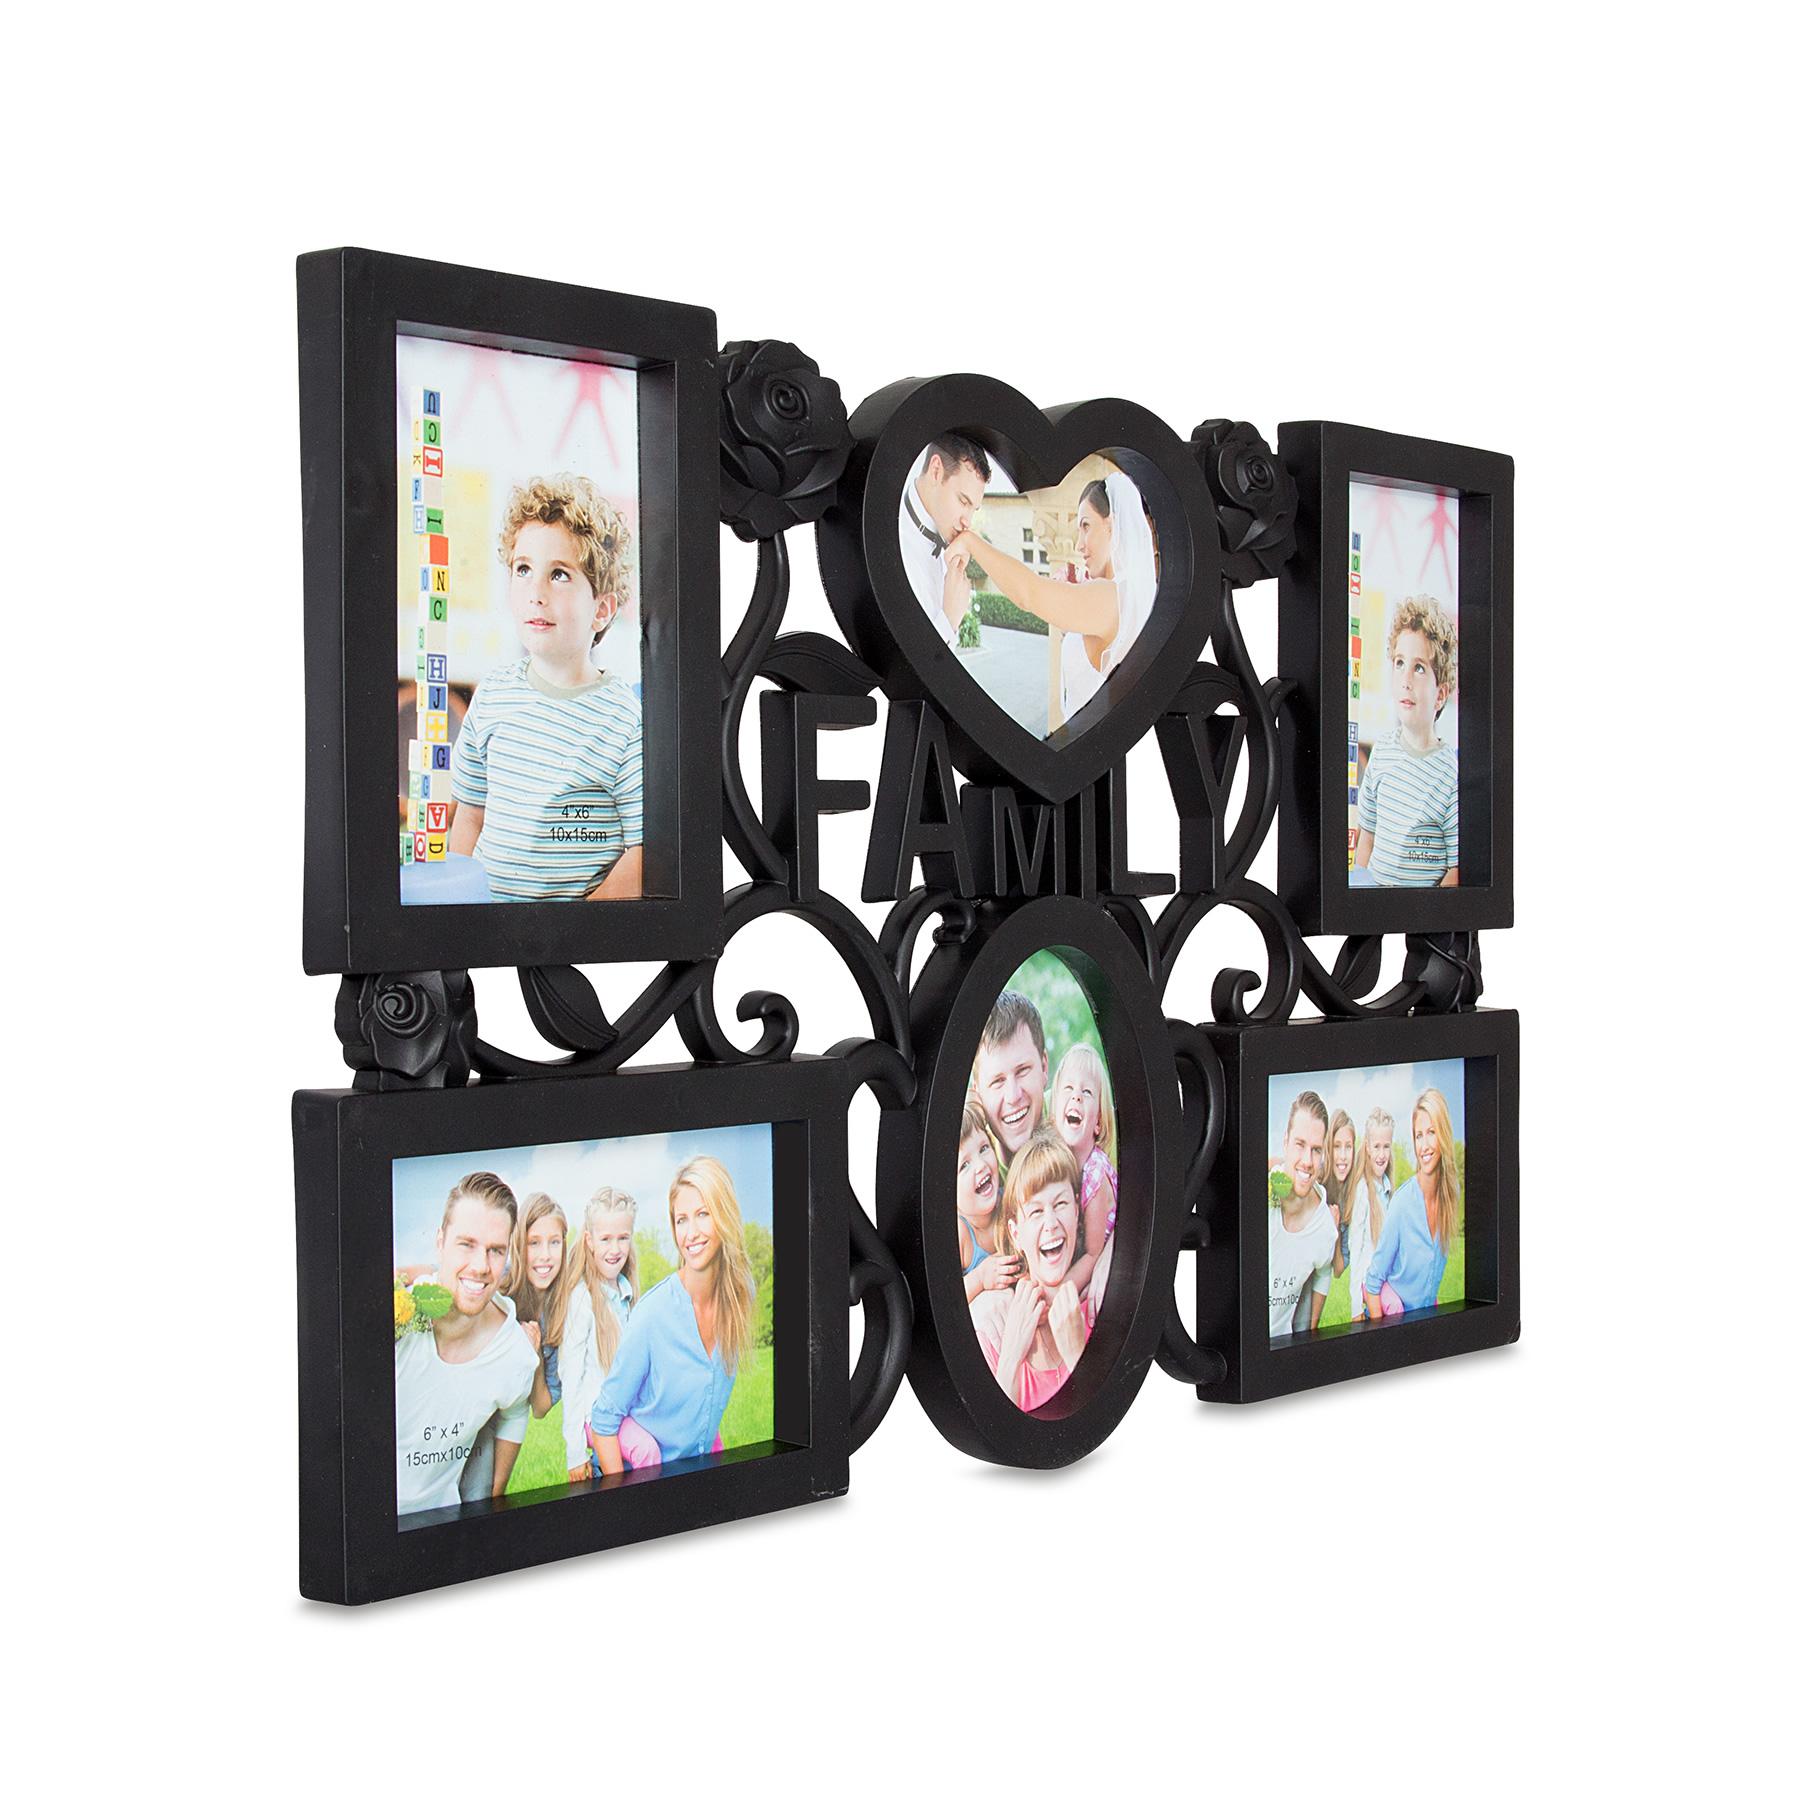 spice modello antique design six picture multi frame - Multi Frame Picture